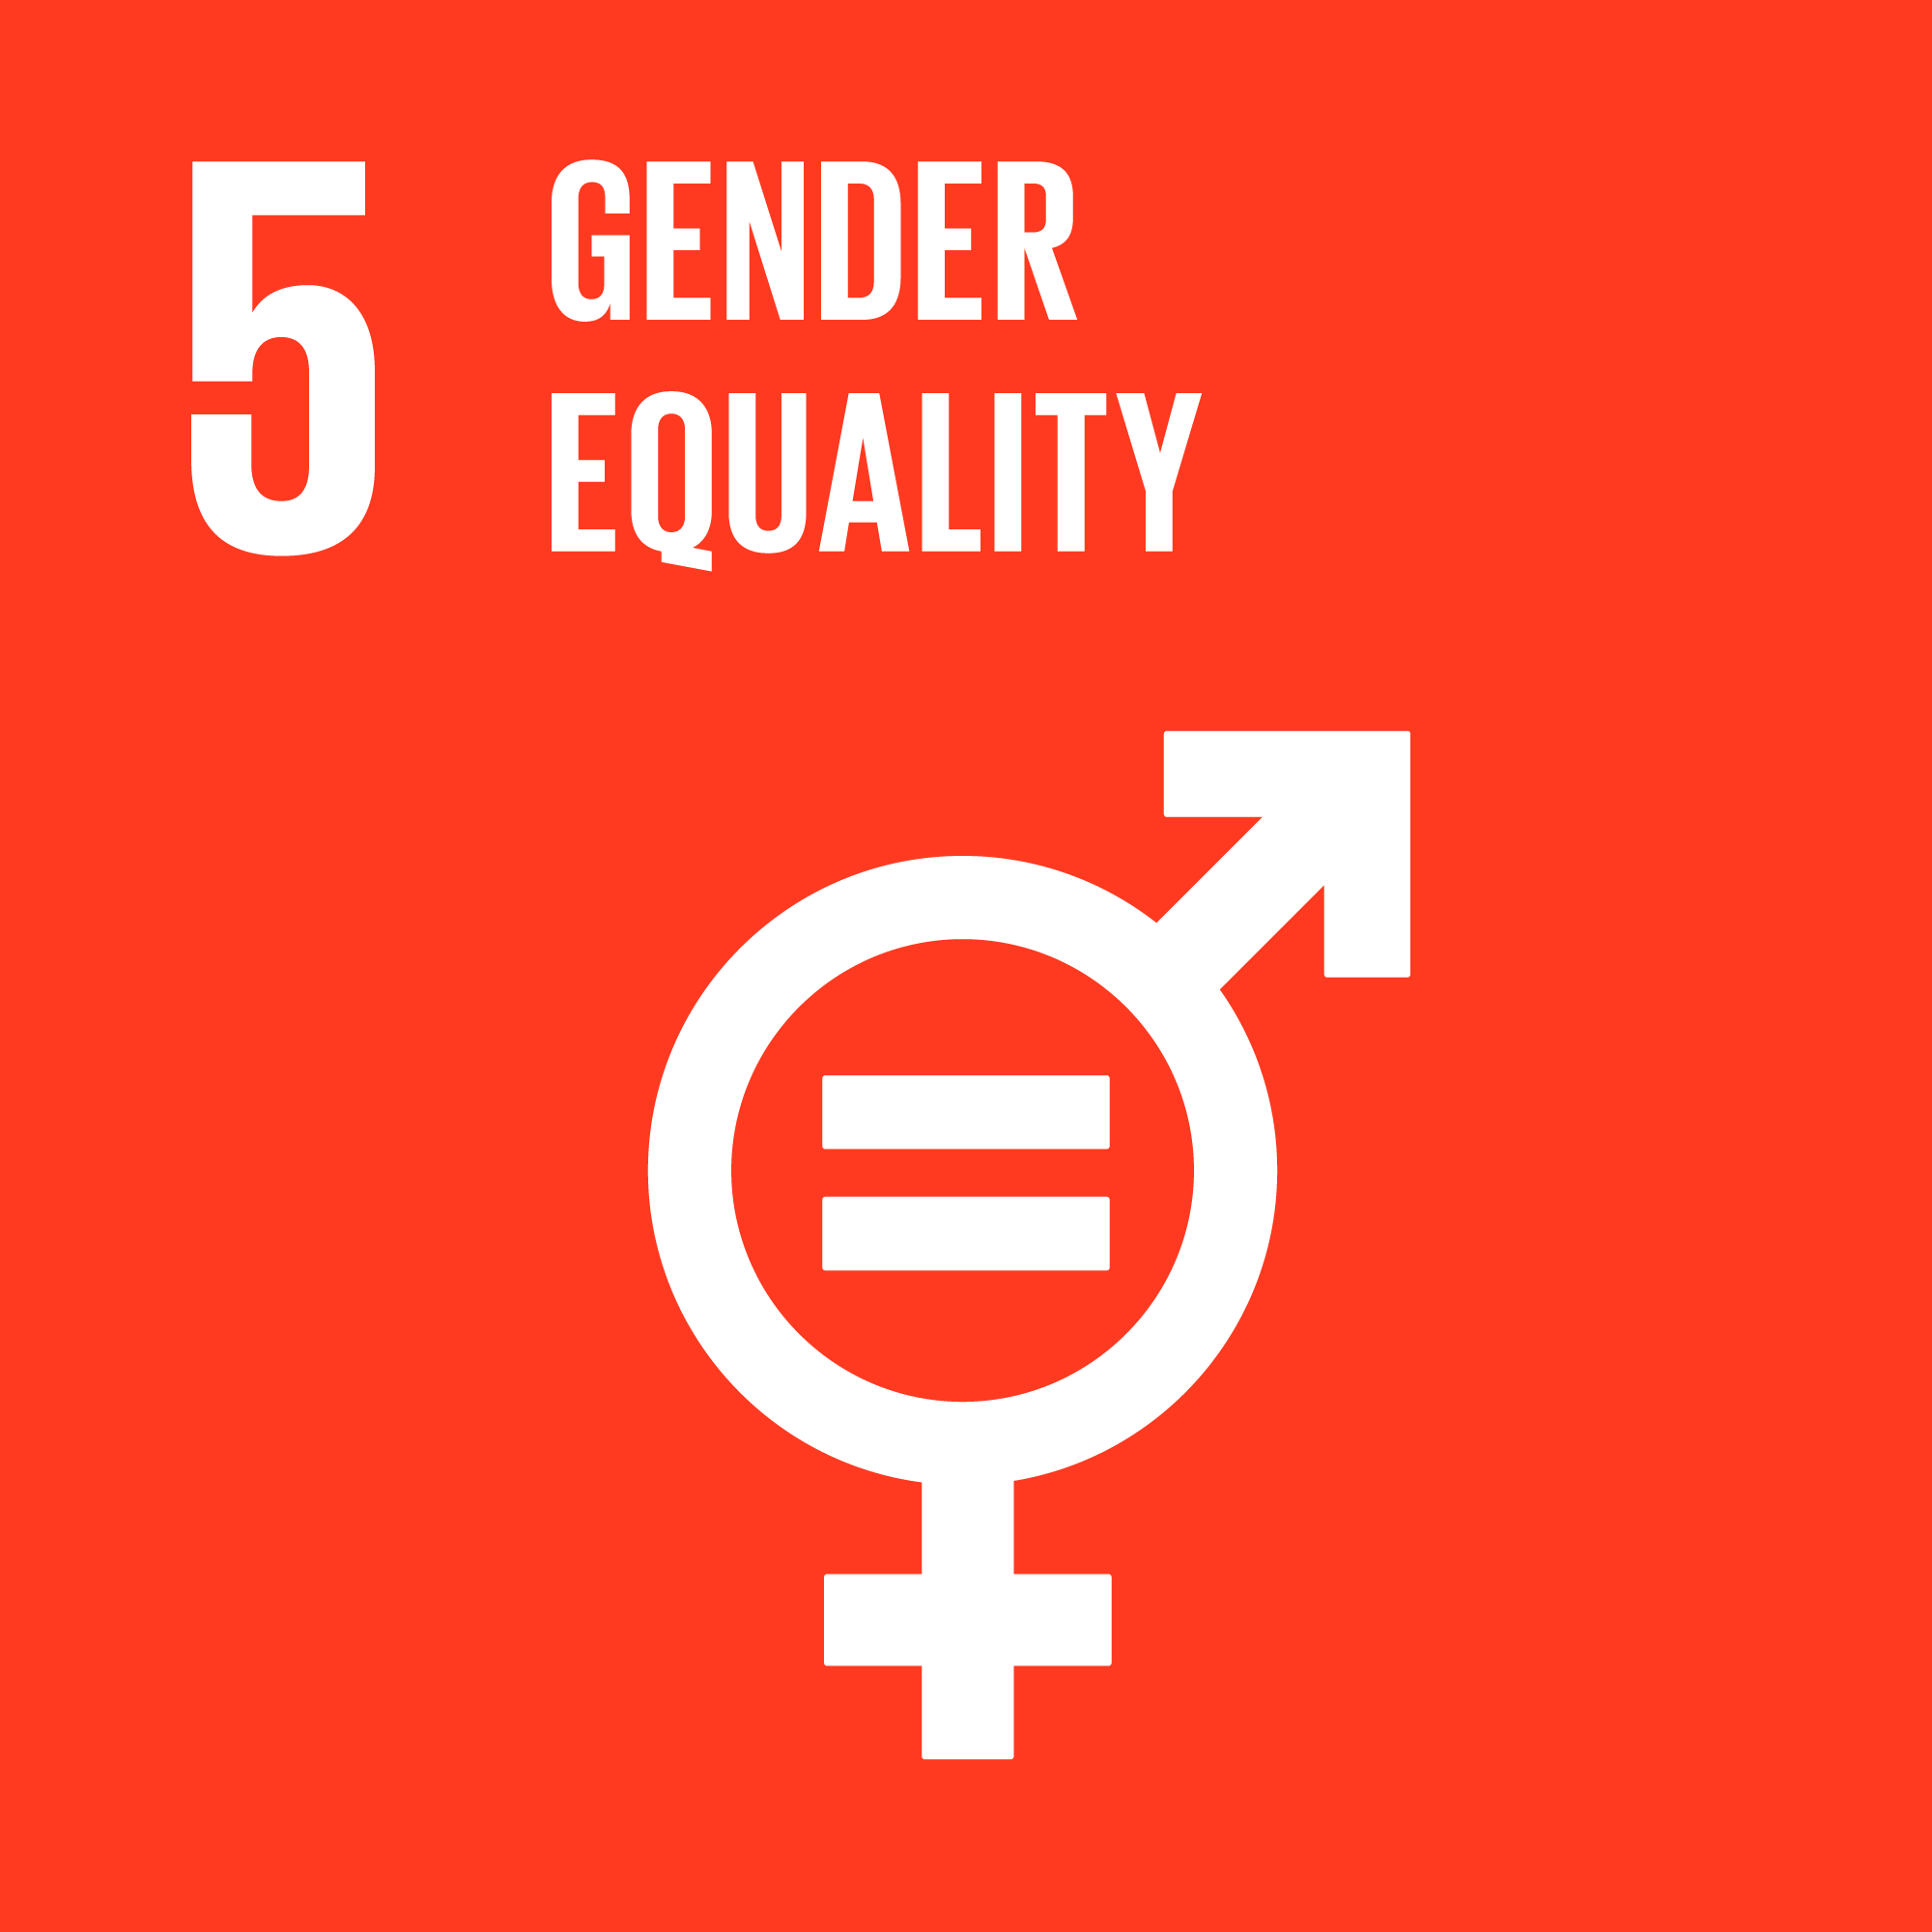 Sustainable development goals 5. Illustration.